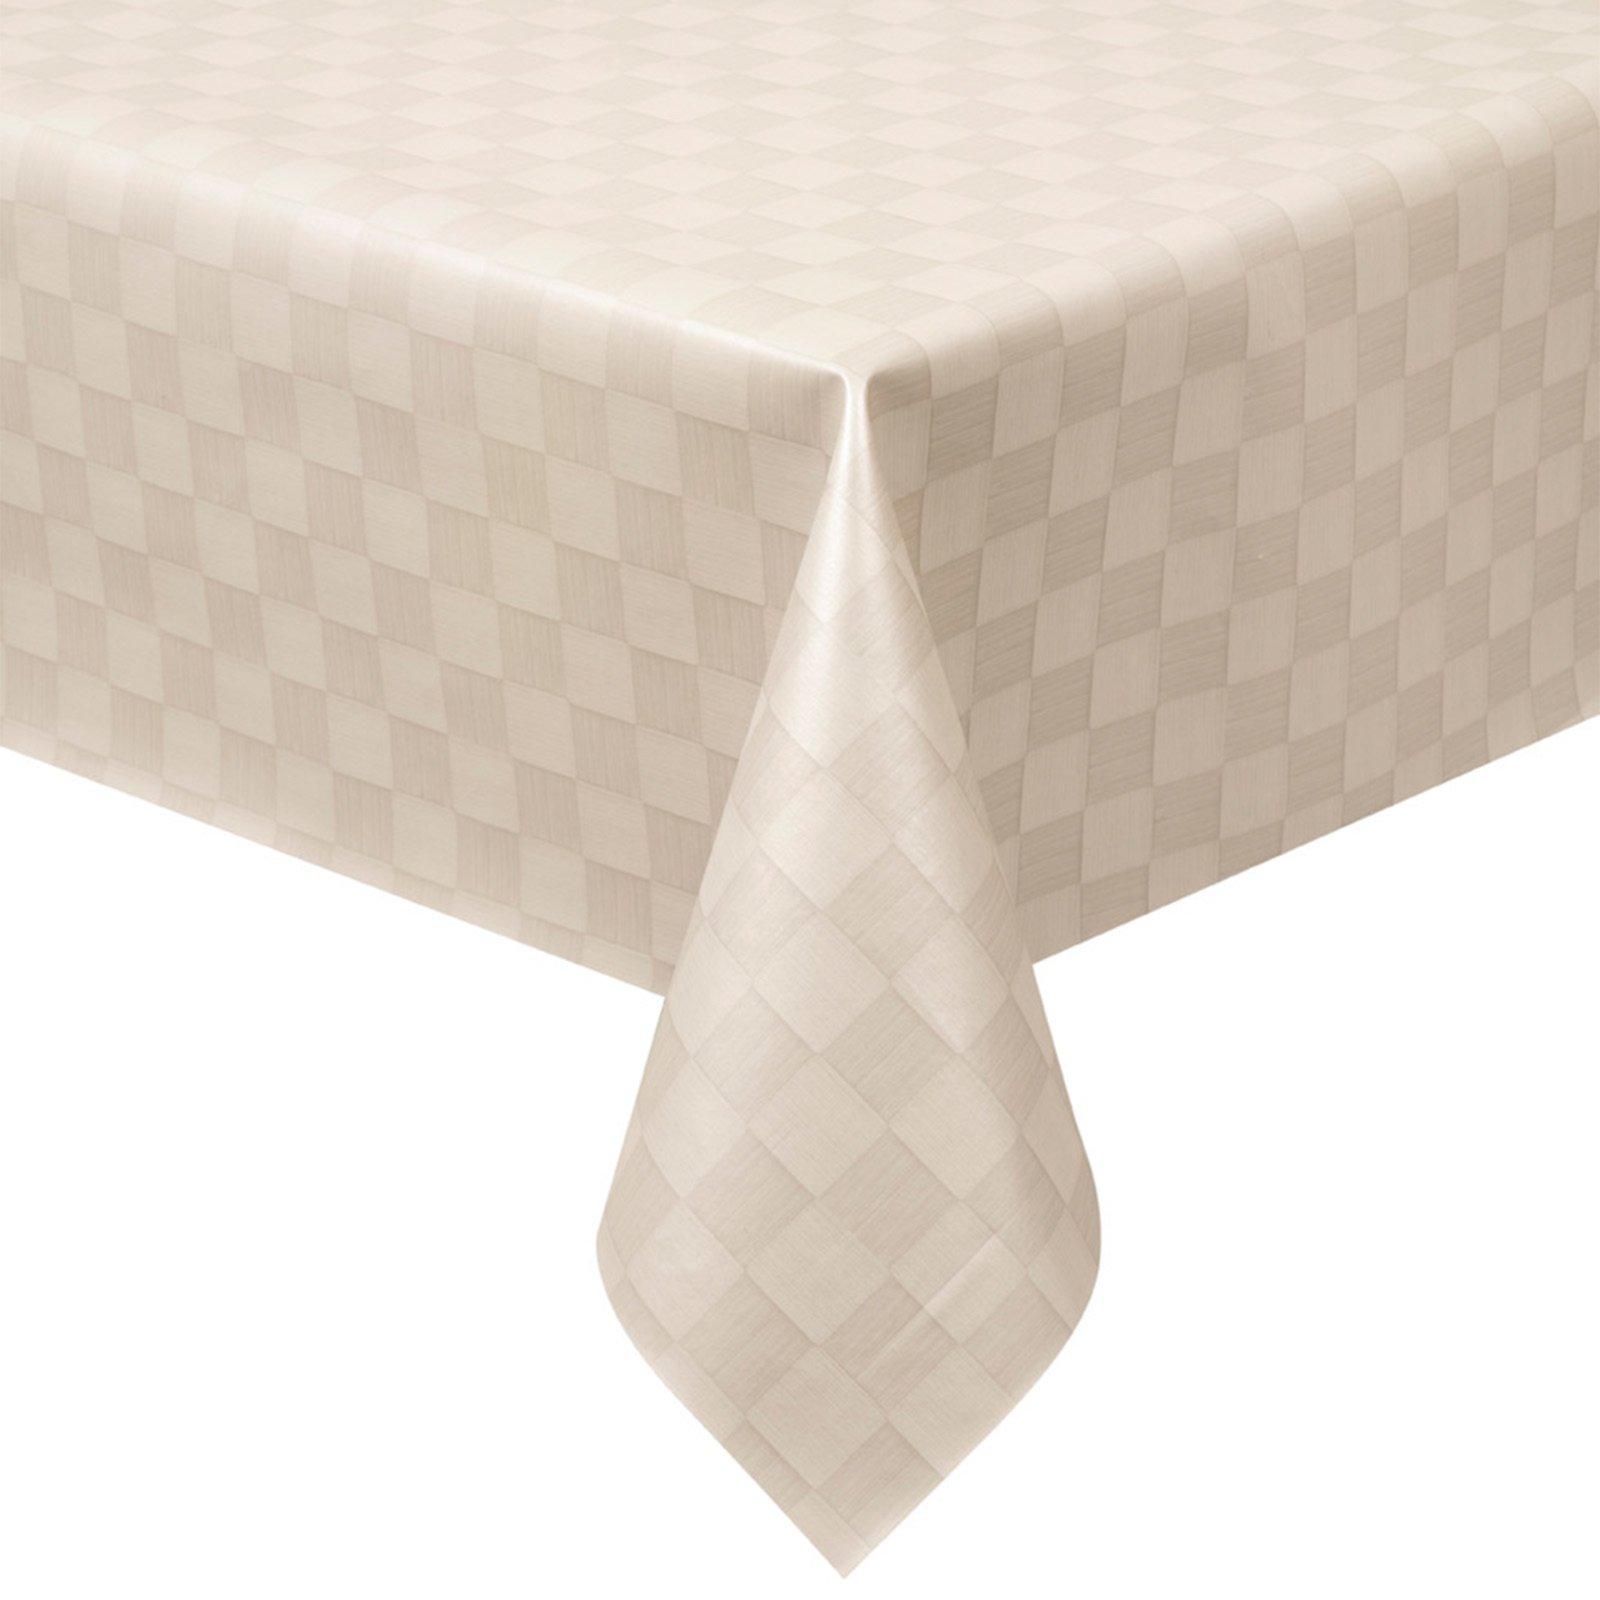 tischdecke damast wei flechtkaro 140 cm breit. Black Bedroom Furniture Sets. Home Design Ideas